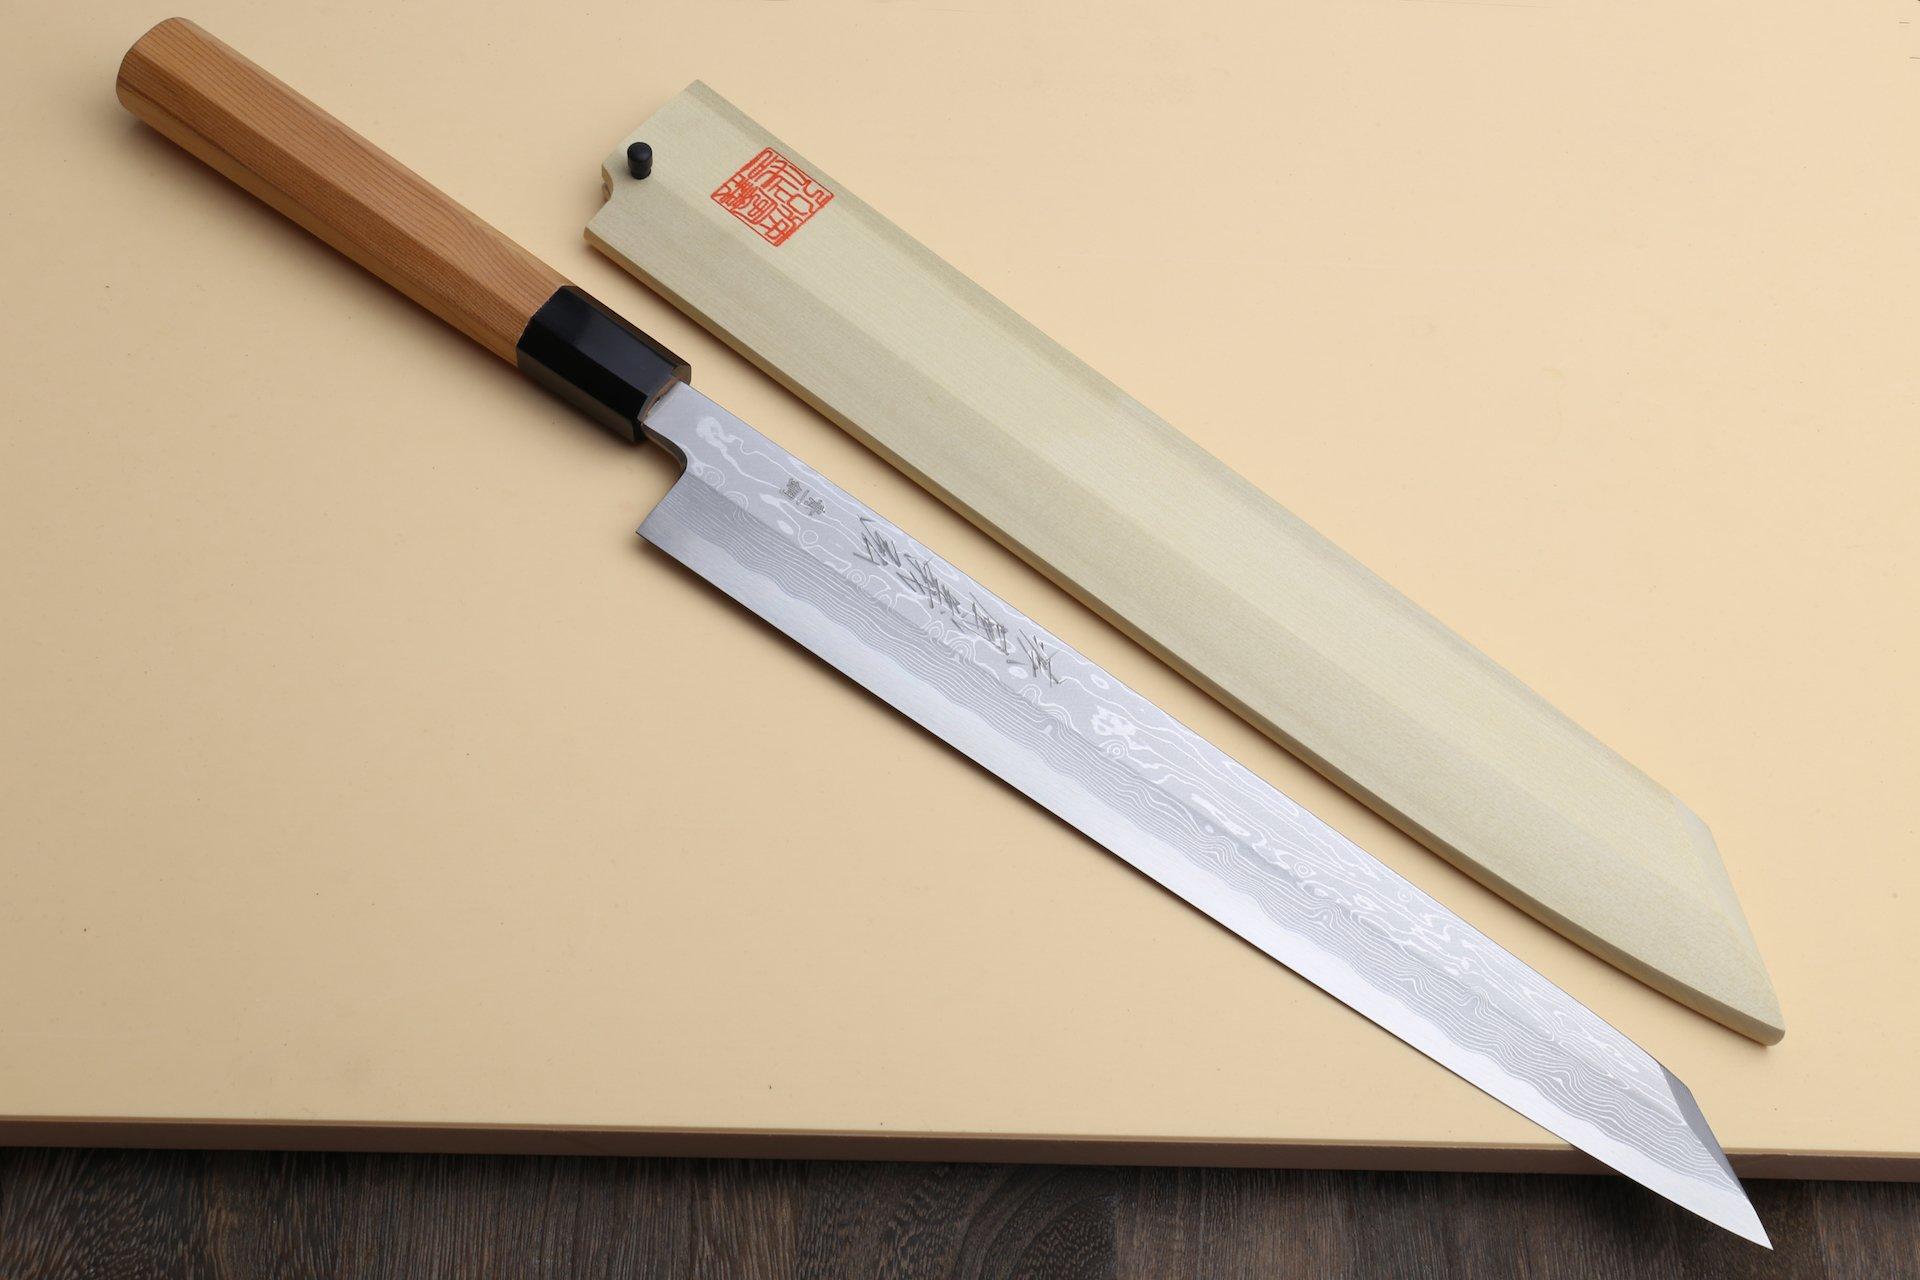 Yoshihiro Blue Steel #1 Damascus Yanagi Kiritsuke Sashimi Knife 11.8 in (300mm) Yew Handle